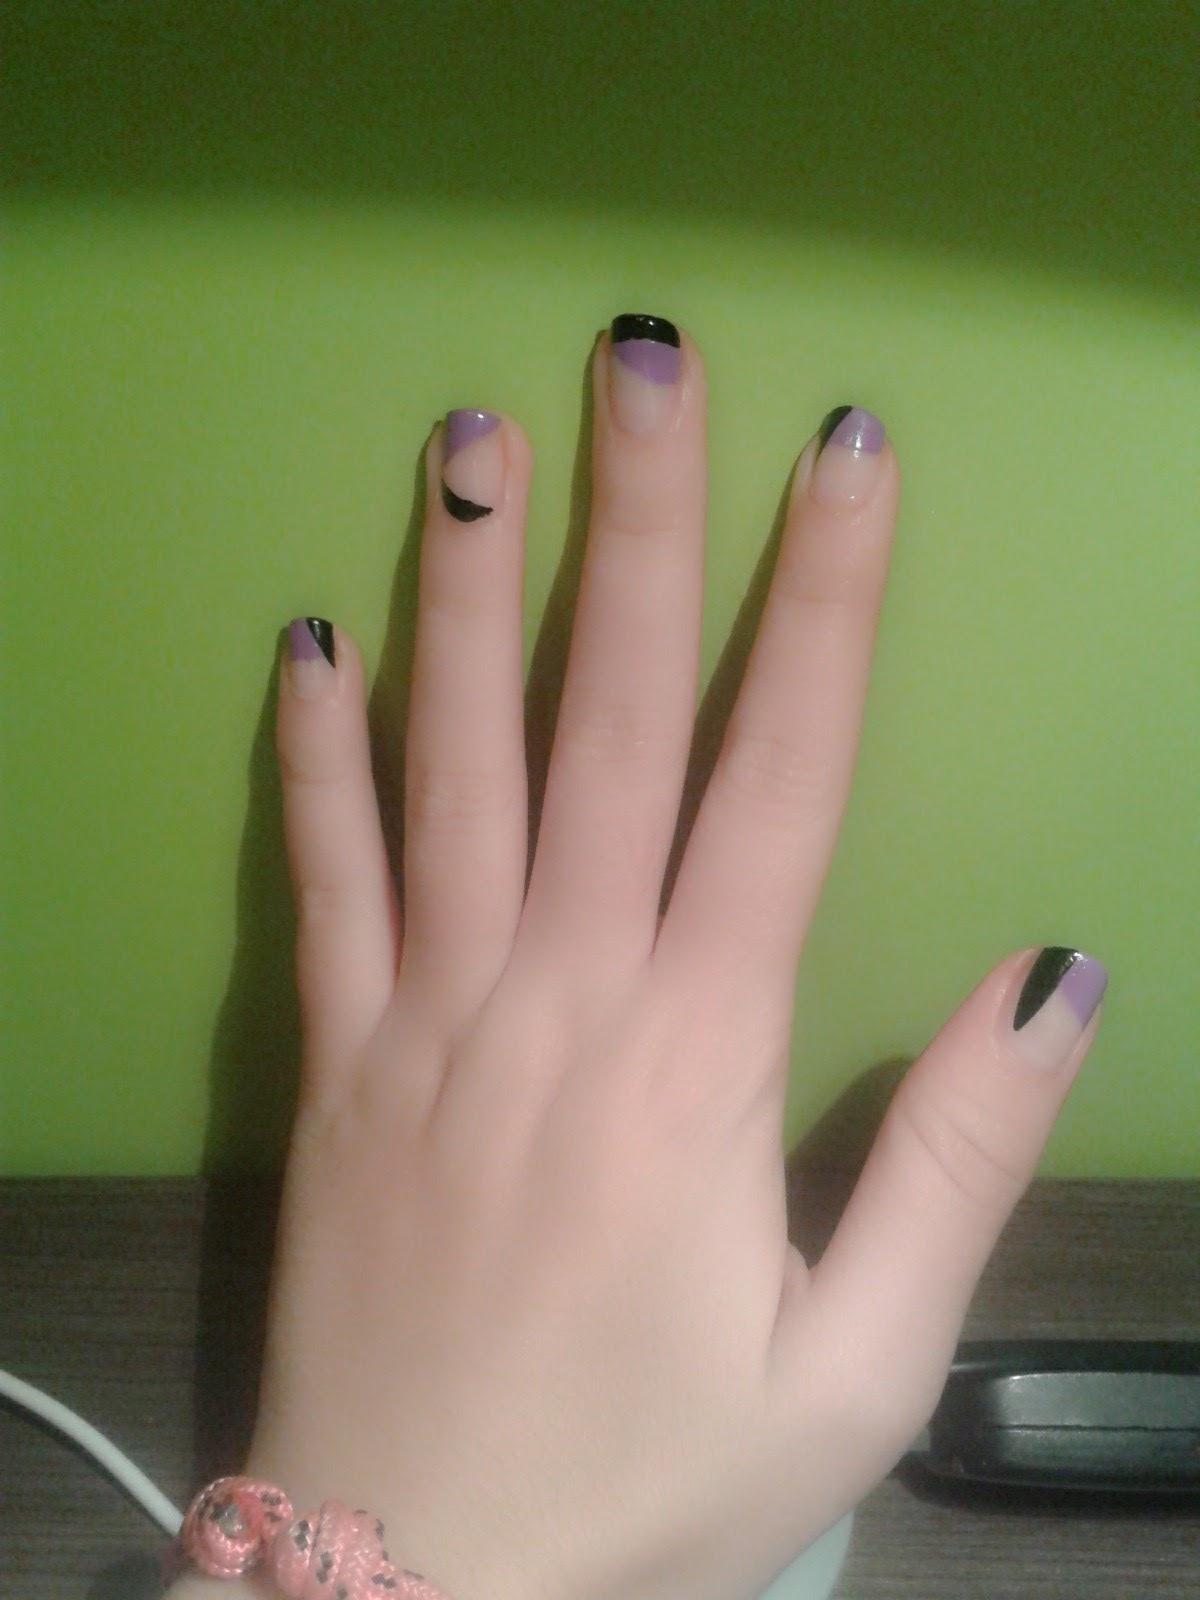 Diseño de uñas: Asimétrico